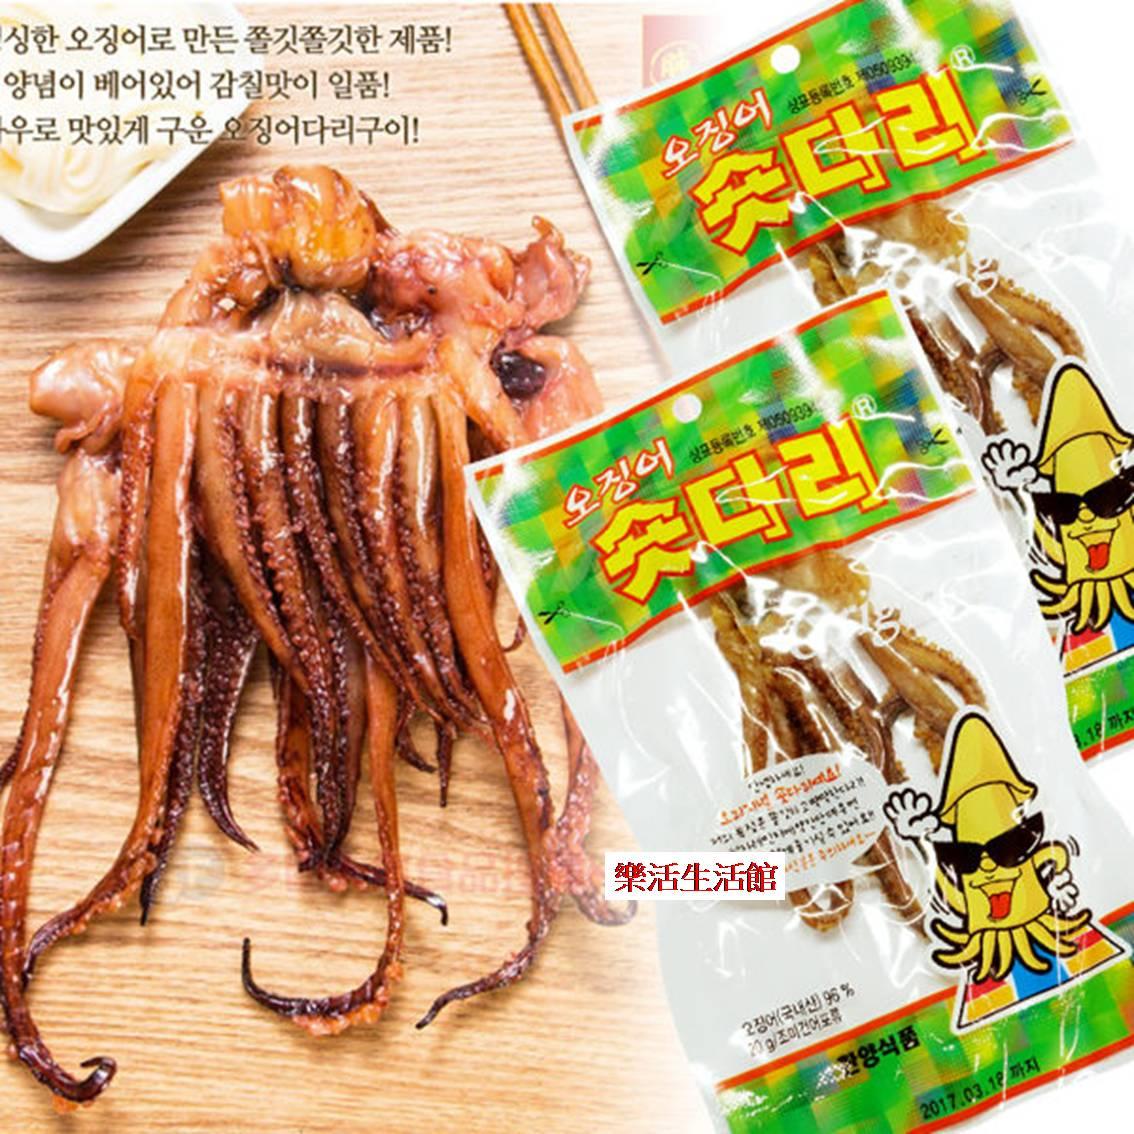 下殺↘$50.00 韓國 烤魷魚腳20g 涮嘴零食  樂活生活館